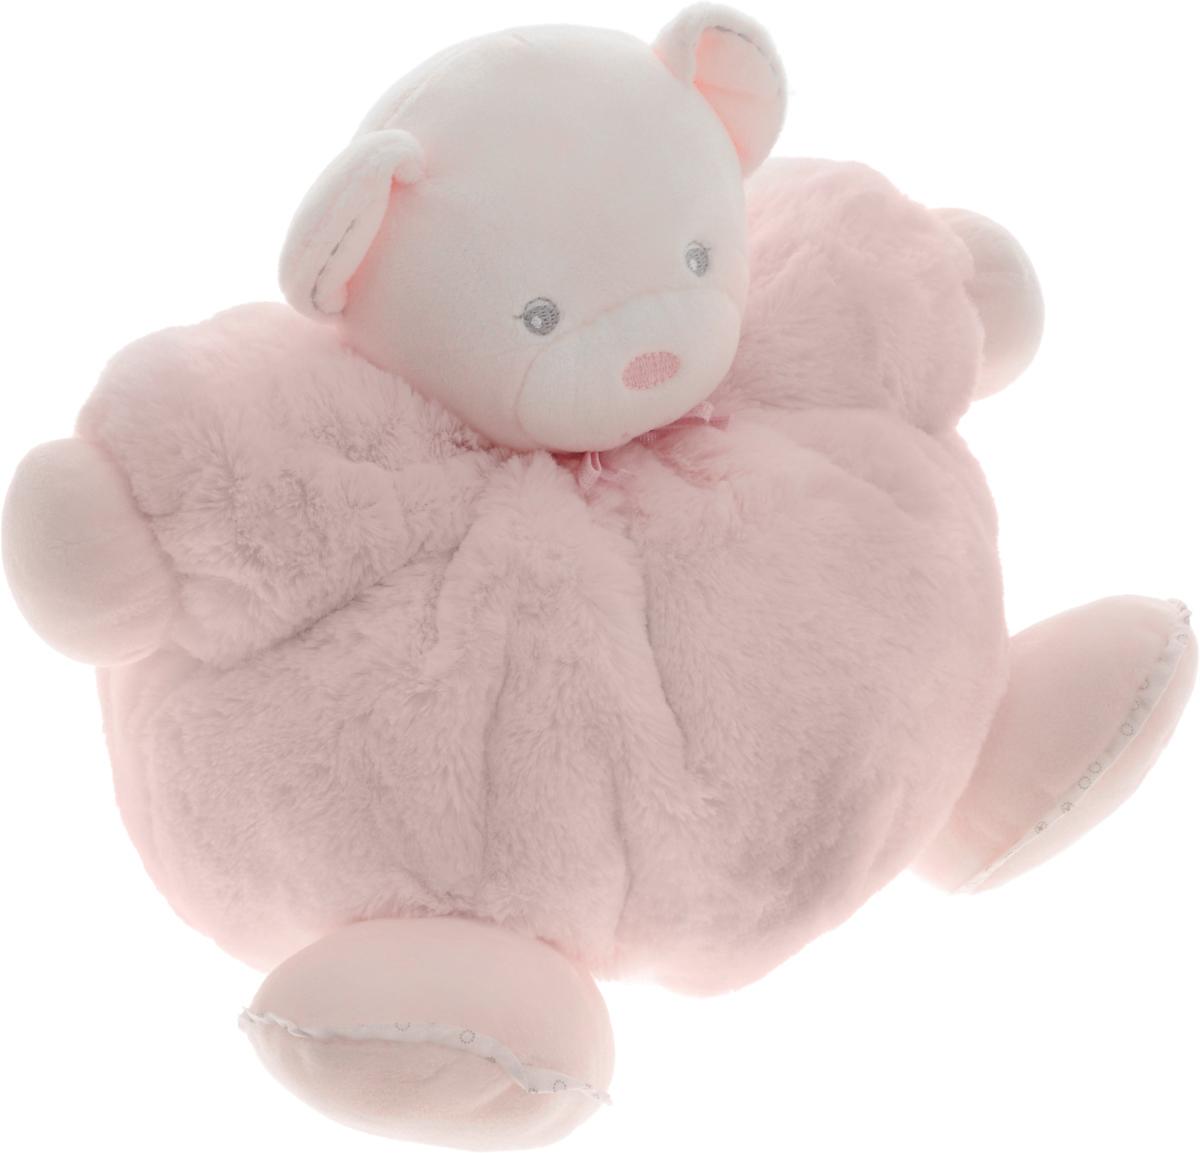 Kaloo Мягкая игрушка Мишка цвет светло-розовый 22 смK962143Великолепный мягкий медвежонок светло-розового цвета Kaloo привлечет внимание малыша и надолго станет его постоянным спутником и любимой игрушкой. Игрушка выполнена из качественных и безопасных для здоровья детей материалов, которые не вызывают аллергии, приятны на ощупь и доставляют большое удовольствие во время игр. Игрушку приятно держать в руках, прижимать к себе и придумывать разнообразные игры. Внутри мишки находится погремушка, которая успокоит малыша и привлечет его внимание. Игры с мягкими игрушками развивают тактильную чувствительность и сенсорное восприятие. Все игрушки Kaloo прошли множественные тесты и соответствуют мировым стандартам безопасности. Именно поэтому все игрушки рекомендованы для детей с рождения, что отличает их от большинства производителей мягких игрушек. Игрушка поставляется в стильной коробке и идеально подходит в качестве подарка.